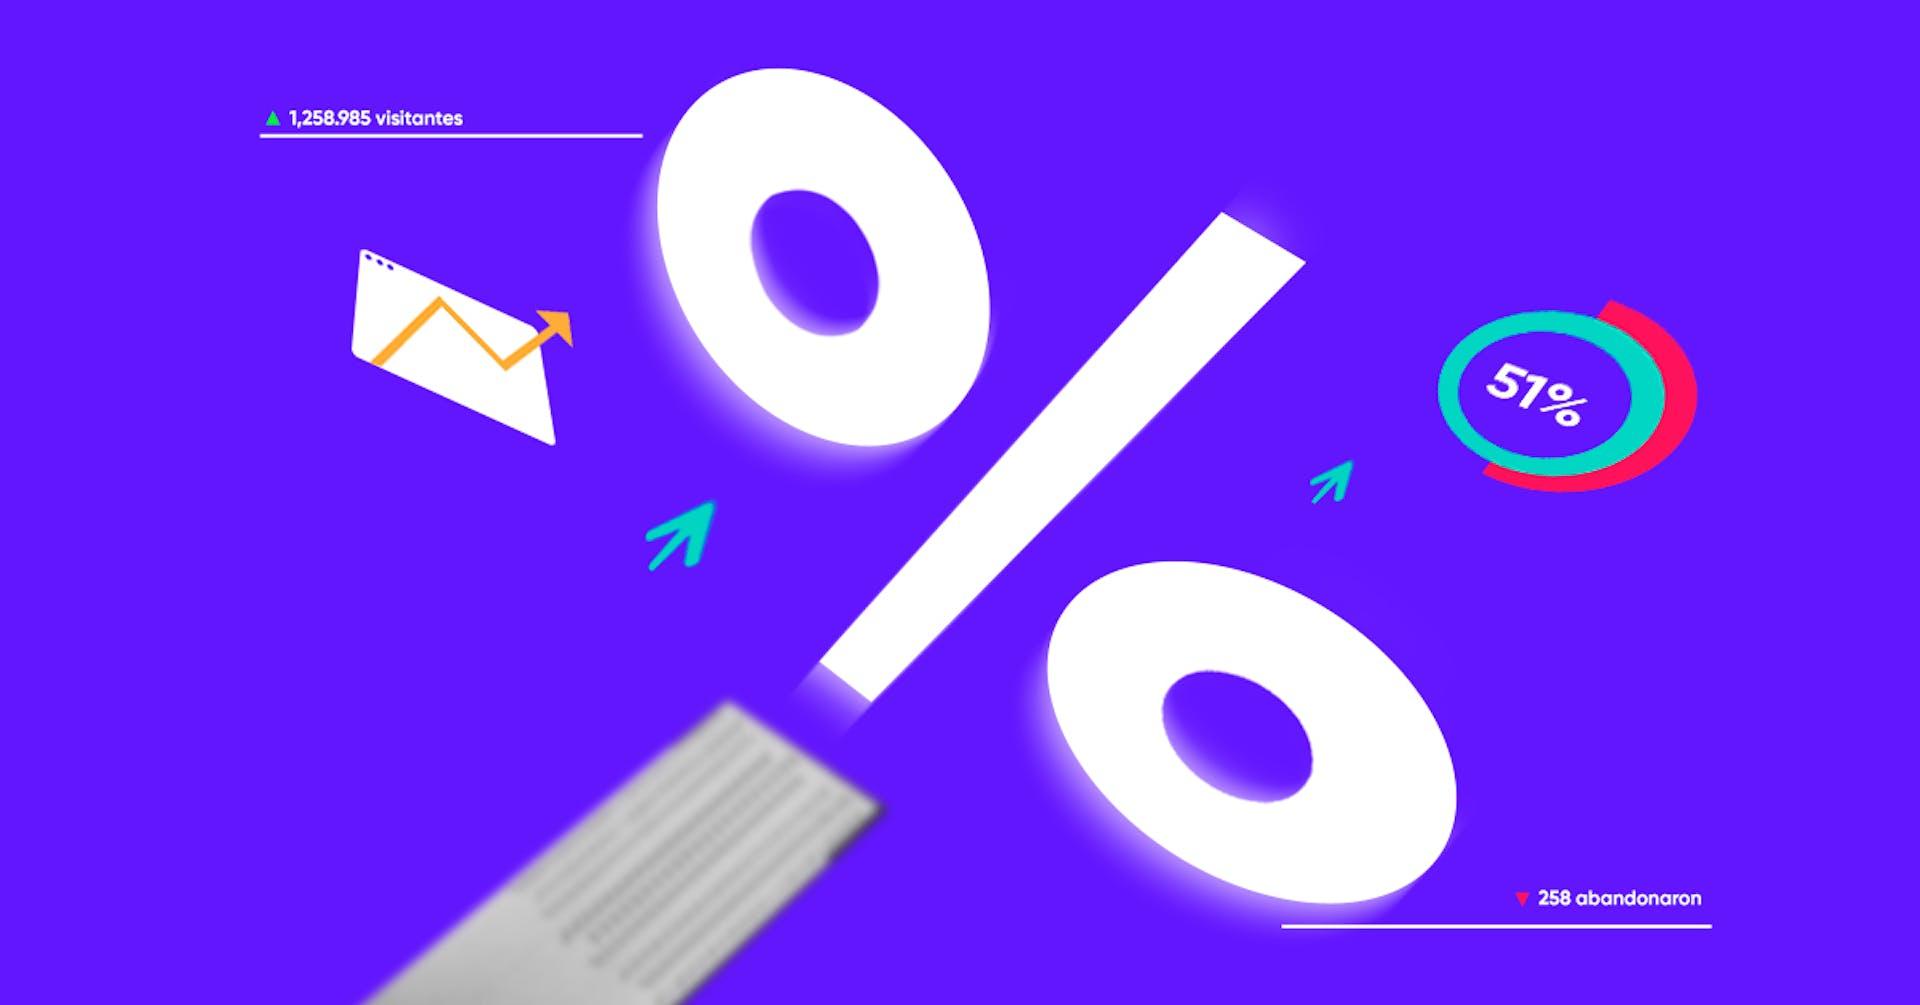 Analiza el porcentaje de rebote y evita que los usuarios abandonen tu web